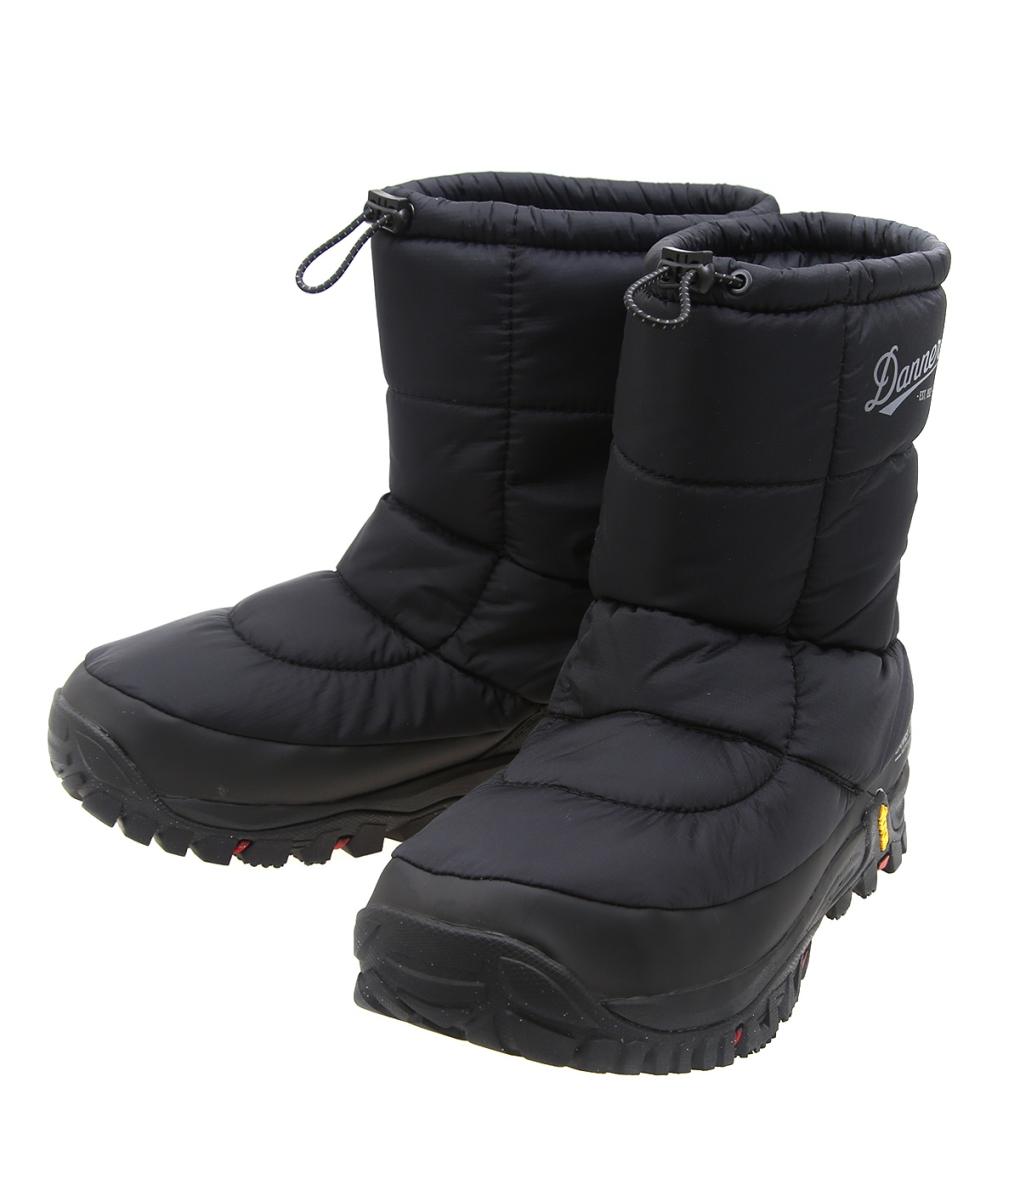 Danner / ダナー : FREDDO B200 PF : DANNER ダナー スノーブーツ シューズ 靴 : D120034 【STD】